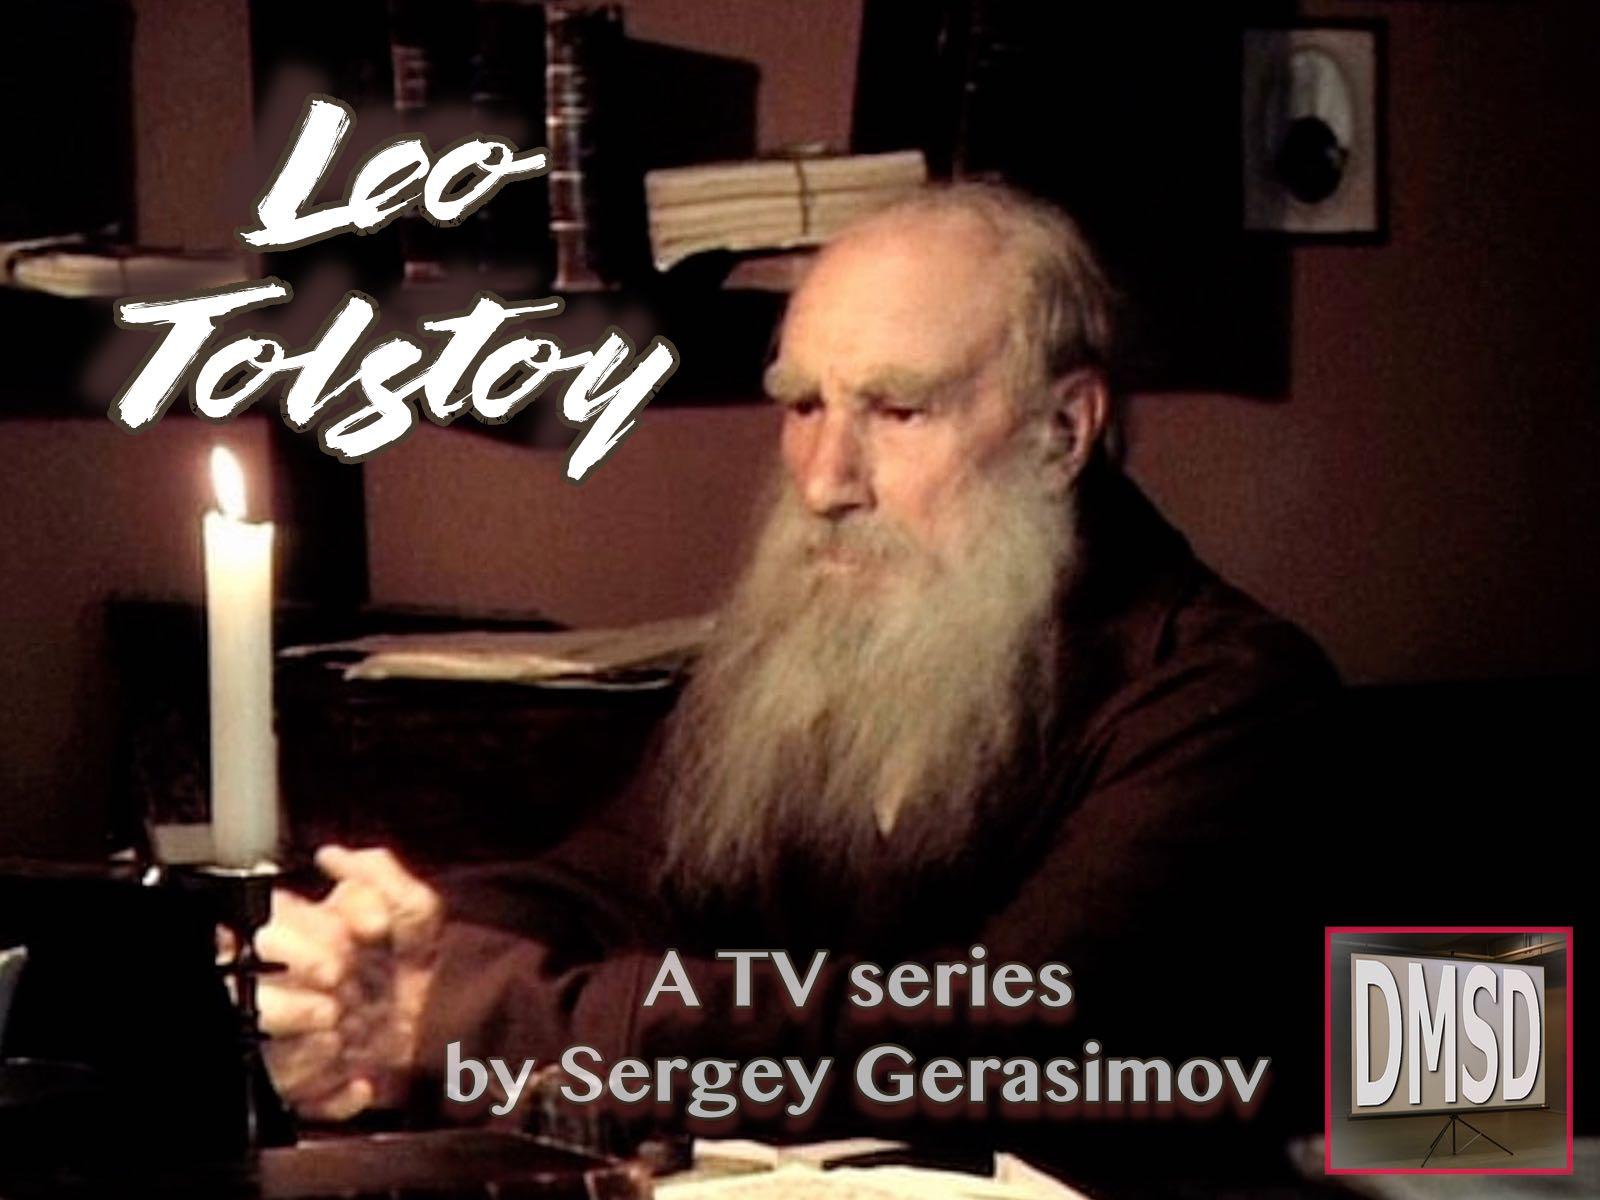 Лев Толстой, 2 серии